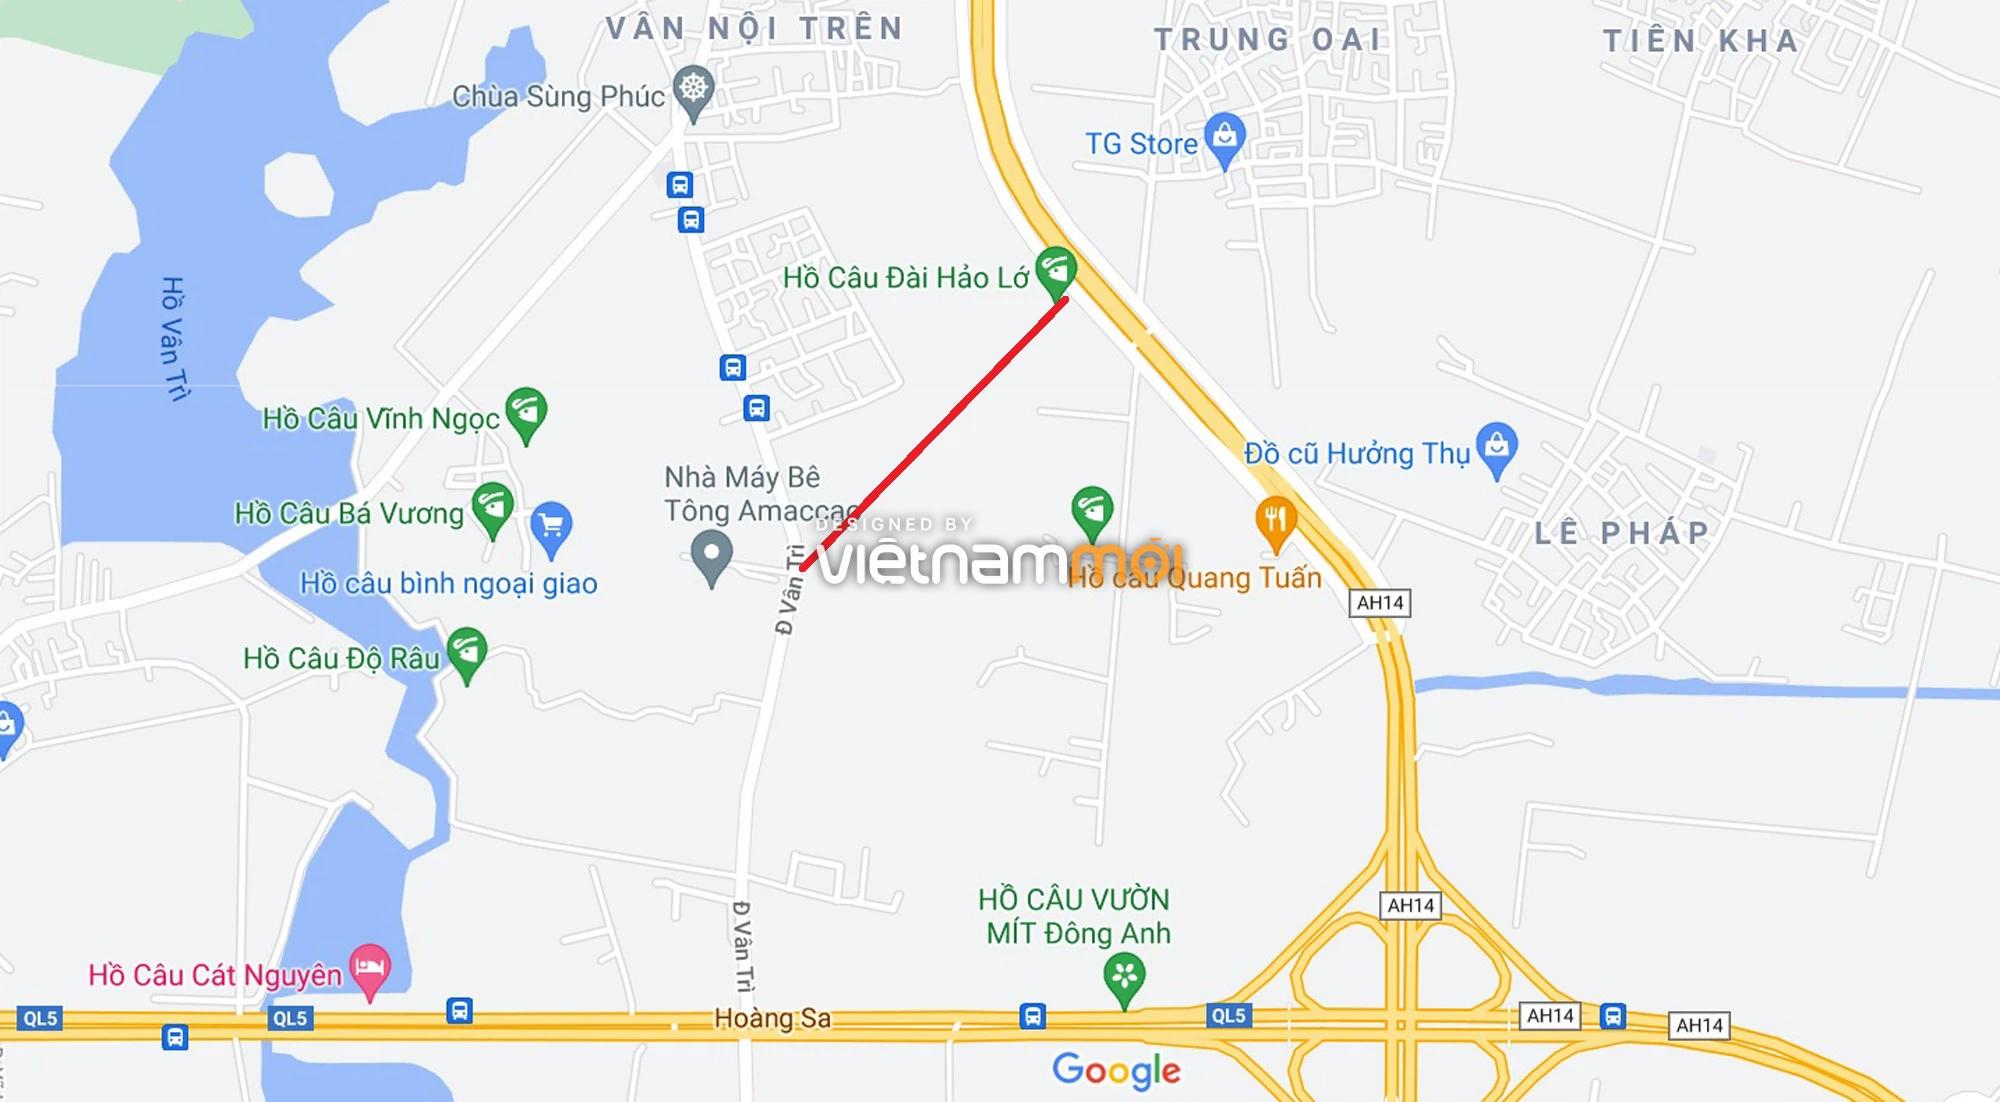 Đường sẽ mở theo quy hoạch xung quanh dự án Thành phố Thông minh Bắc Hà Nội (phần 2) - Ảnh 13.